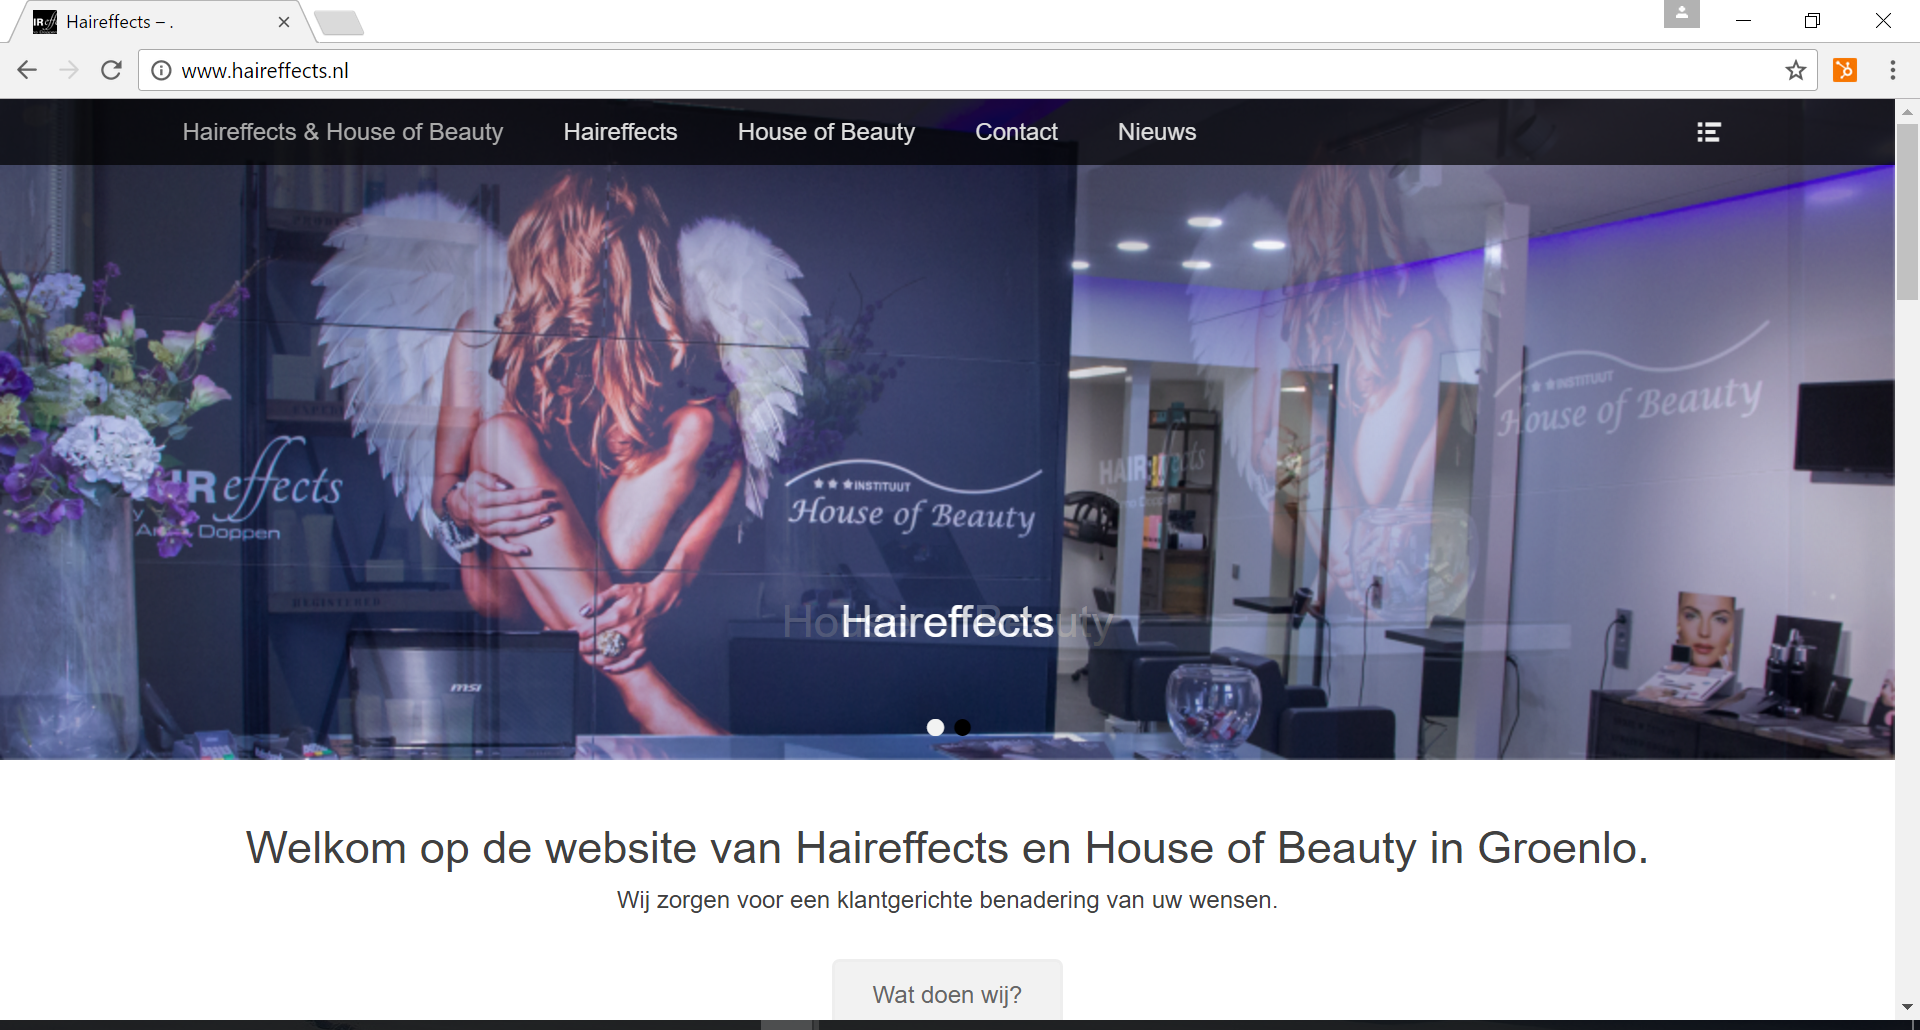 Haireffects en House of Beauty Groenlo